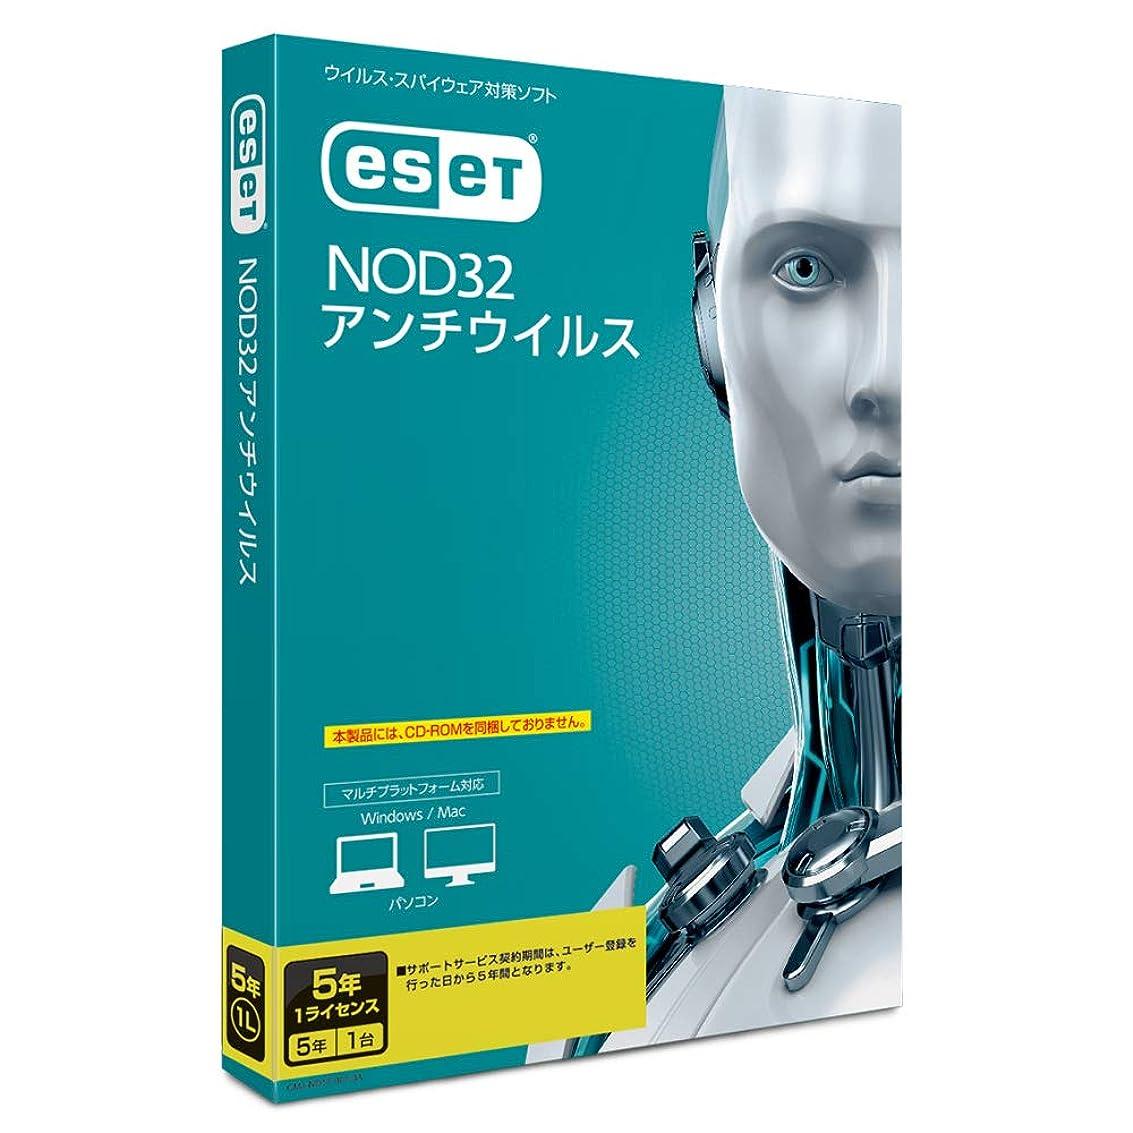 コック癒す家庭ESET NOD32アンチウイルス(最新)|1台5年版|Win/Mac対応